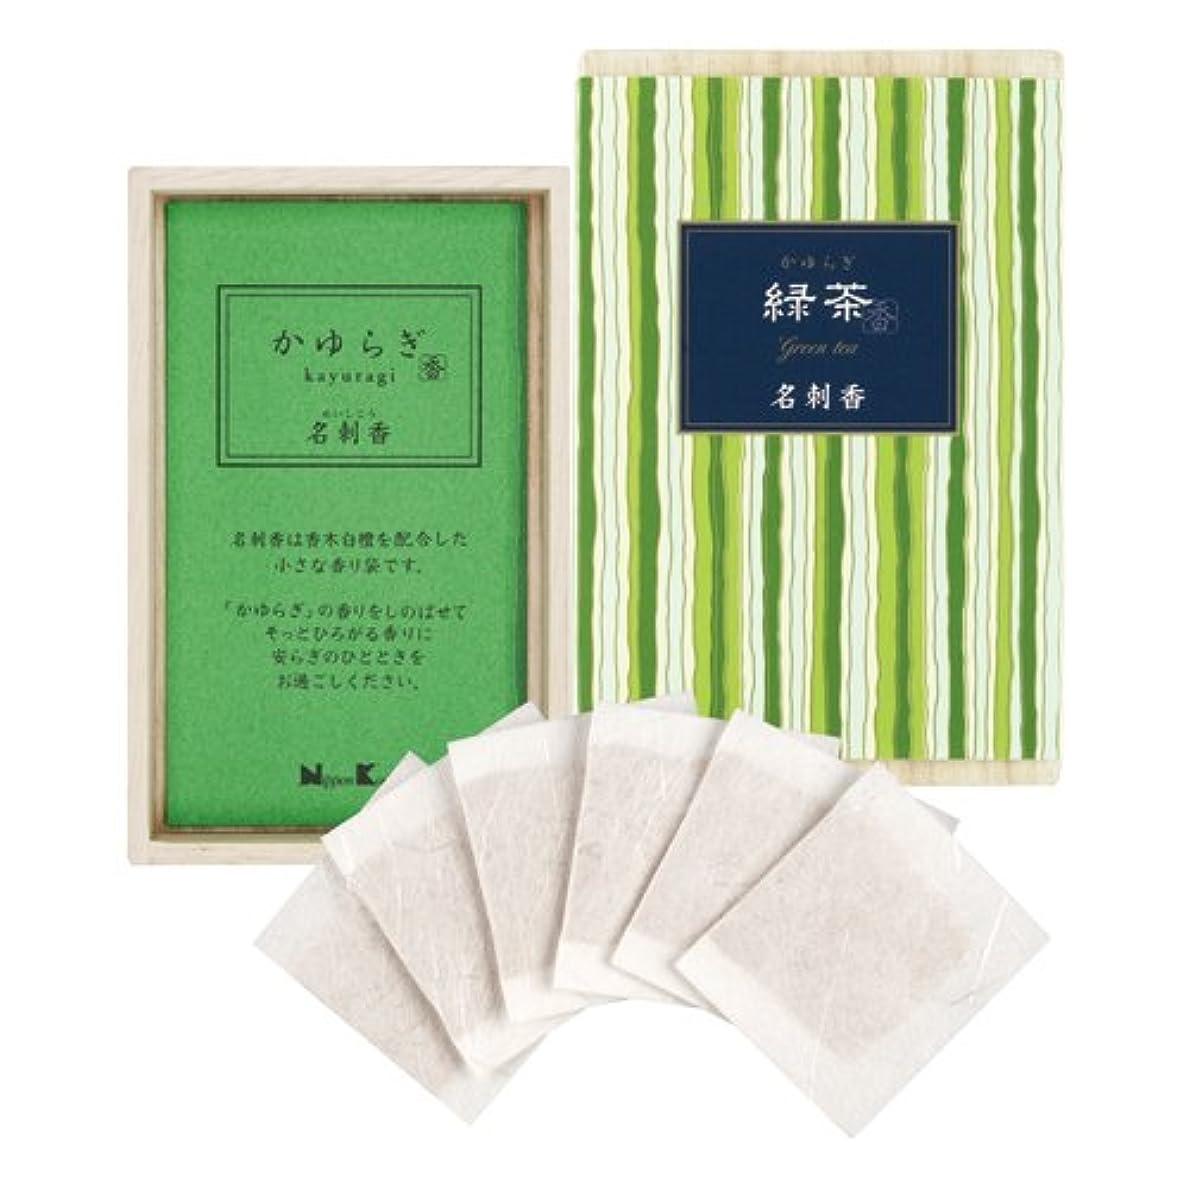 バイソン警告ファウルかゆらぎ 緑茶 名刺香 桐箱 6入